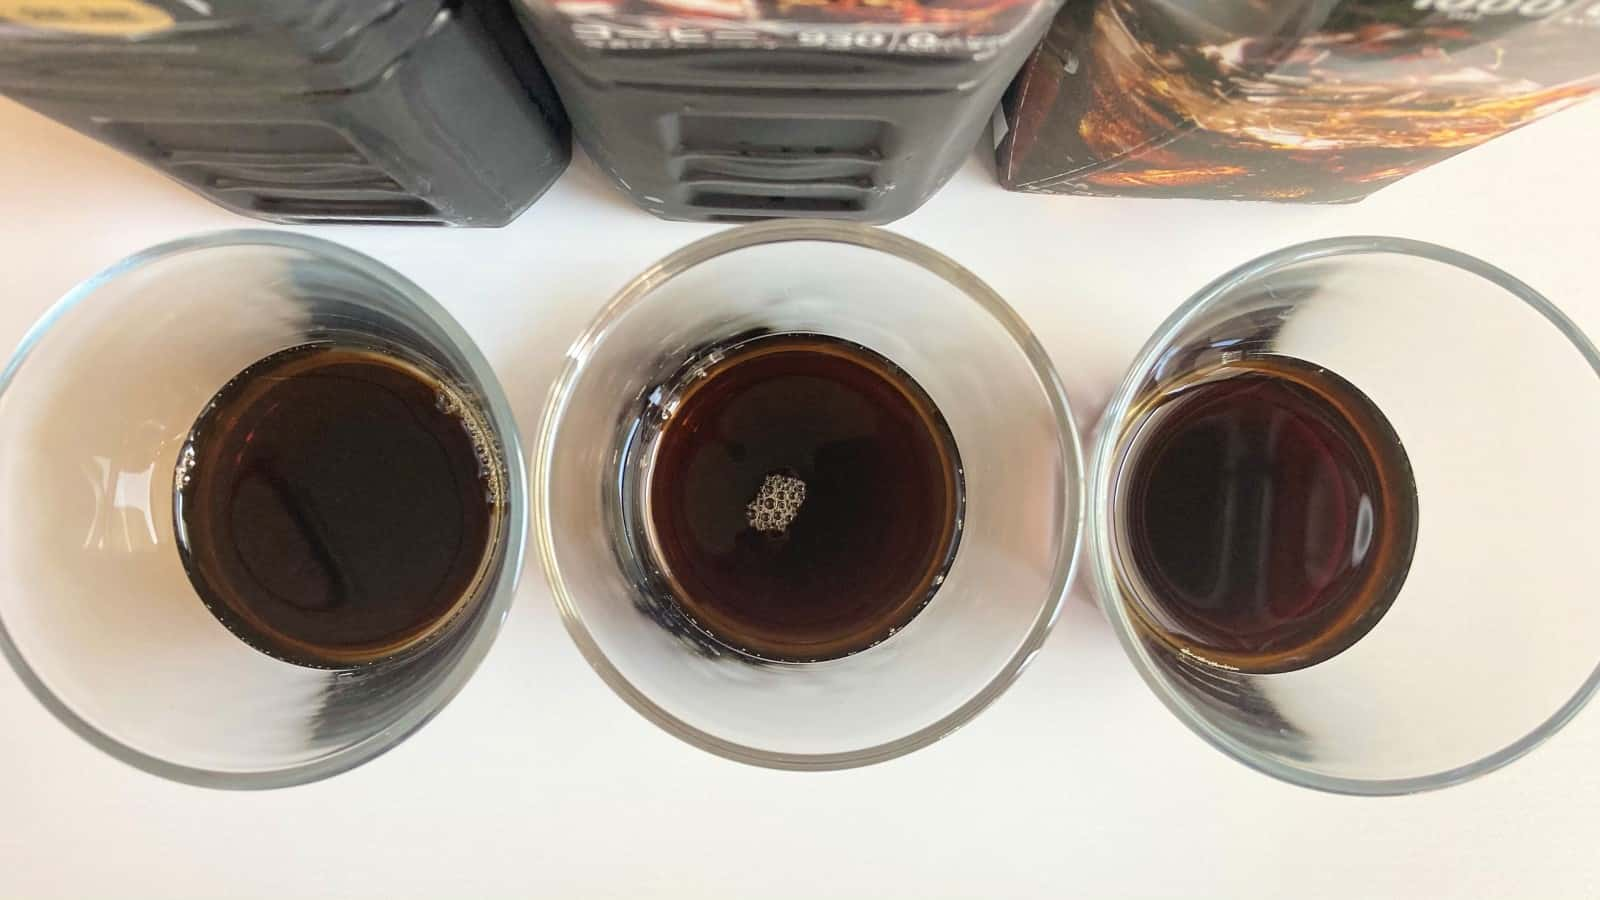 グラスに注がれた3種類のボトルコーヒー